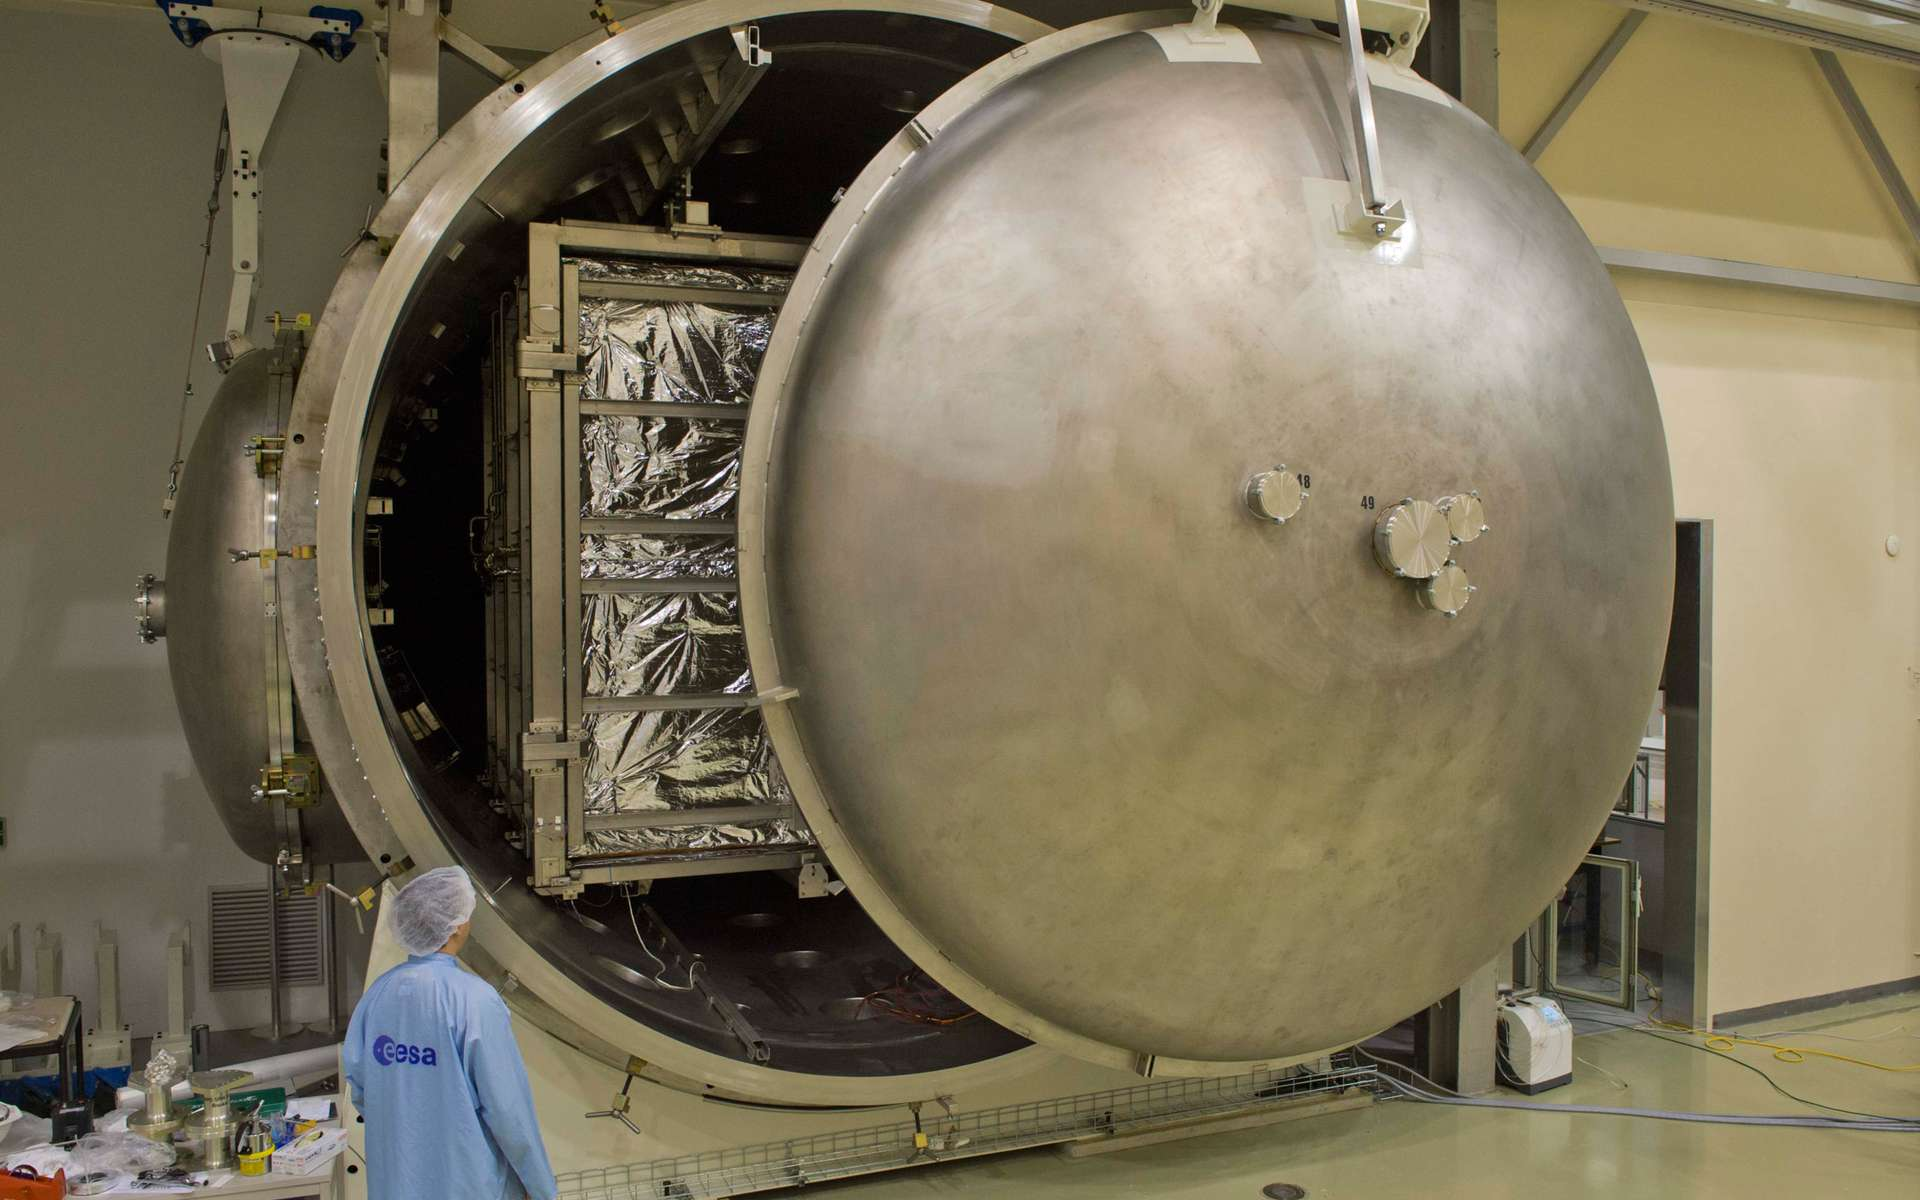 La porte de la chambre à vide Phenix de l'Estec (Esa) se ferme sur un des trois modules de la mission BepiColombo. Il en ressortira vingt jours plus tard, débarassé de tout contaminant susceptible de dégazer dans l'espace. © Anneke Le Floc'h, Esa